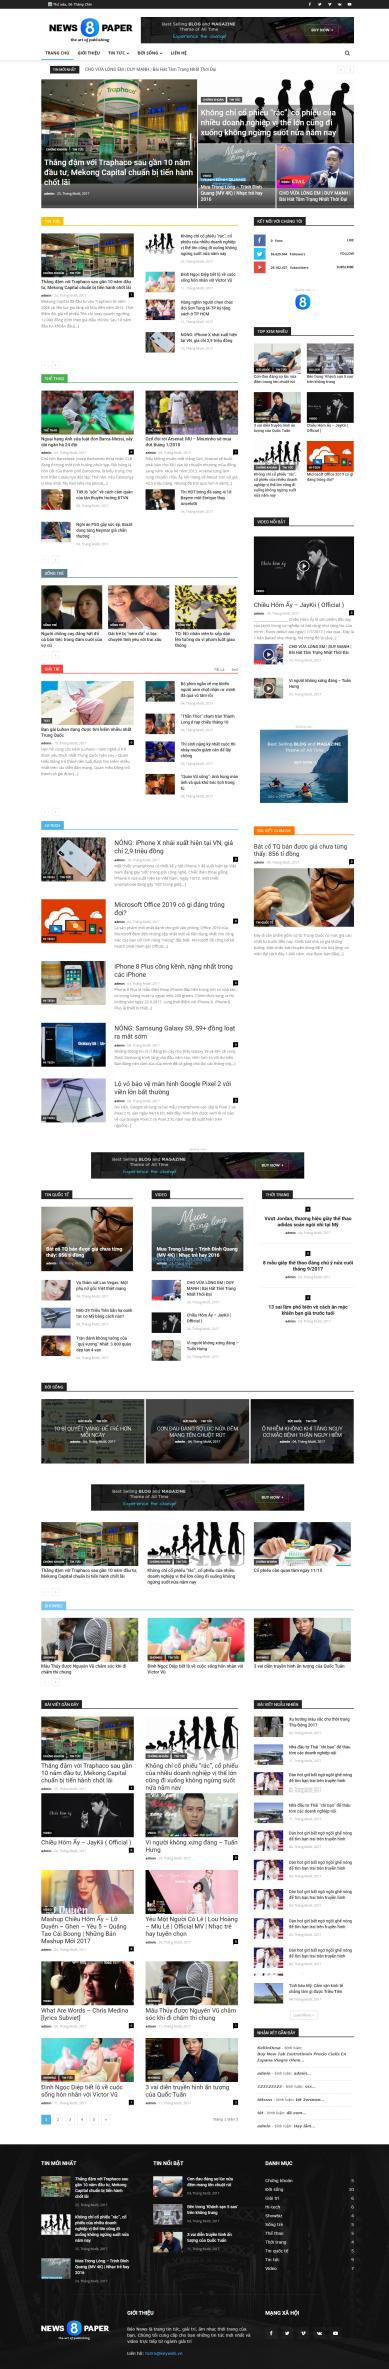 Thiết kế Mẫu tin tức TN07